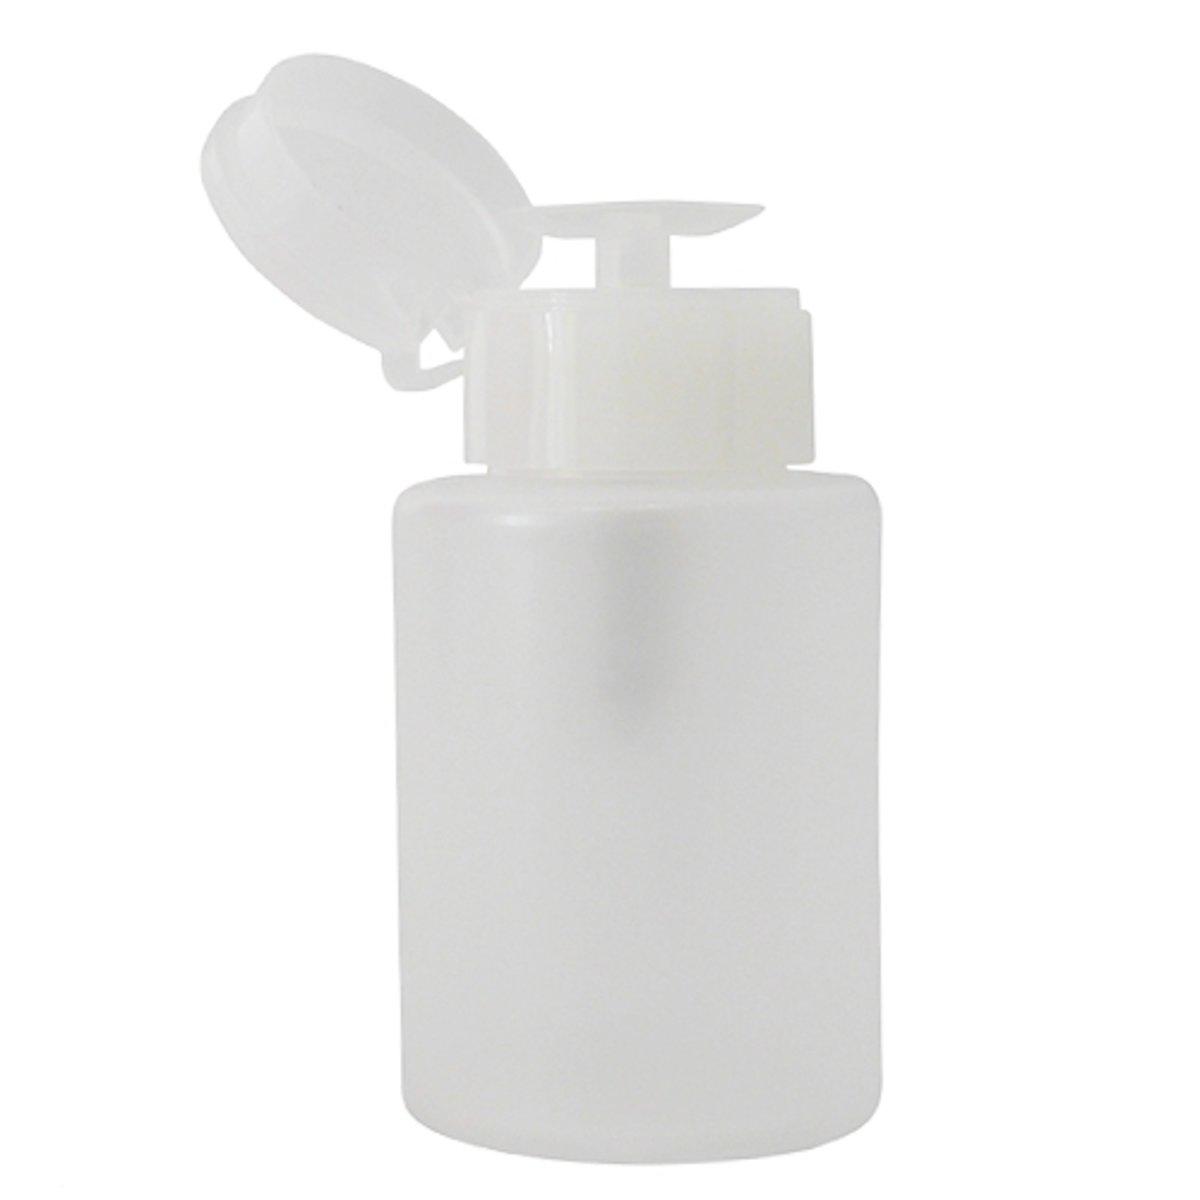 Veronica NAIL-PRODUCTS Vloeistof pompje M, wit 150 ml voor nagelstyliste vloeistoffen, zoals nagellakremover, gel cleaner, desinfectie alcohol, acryl monomeer vloeistof. kopen